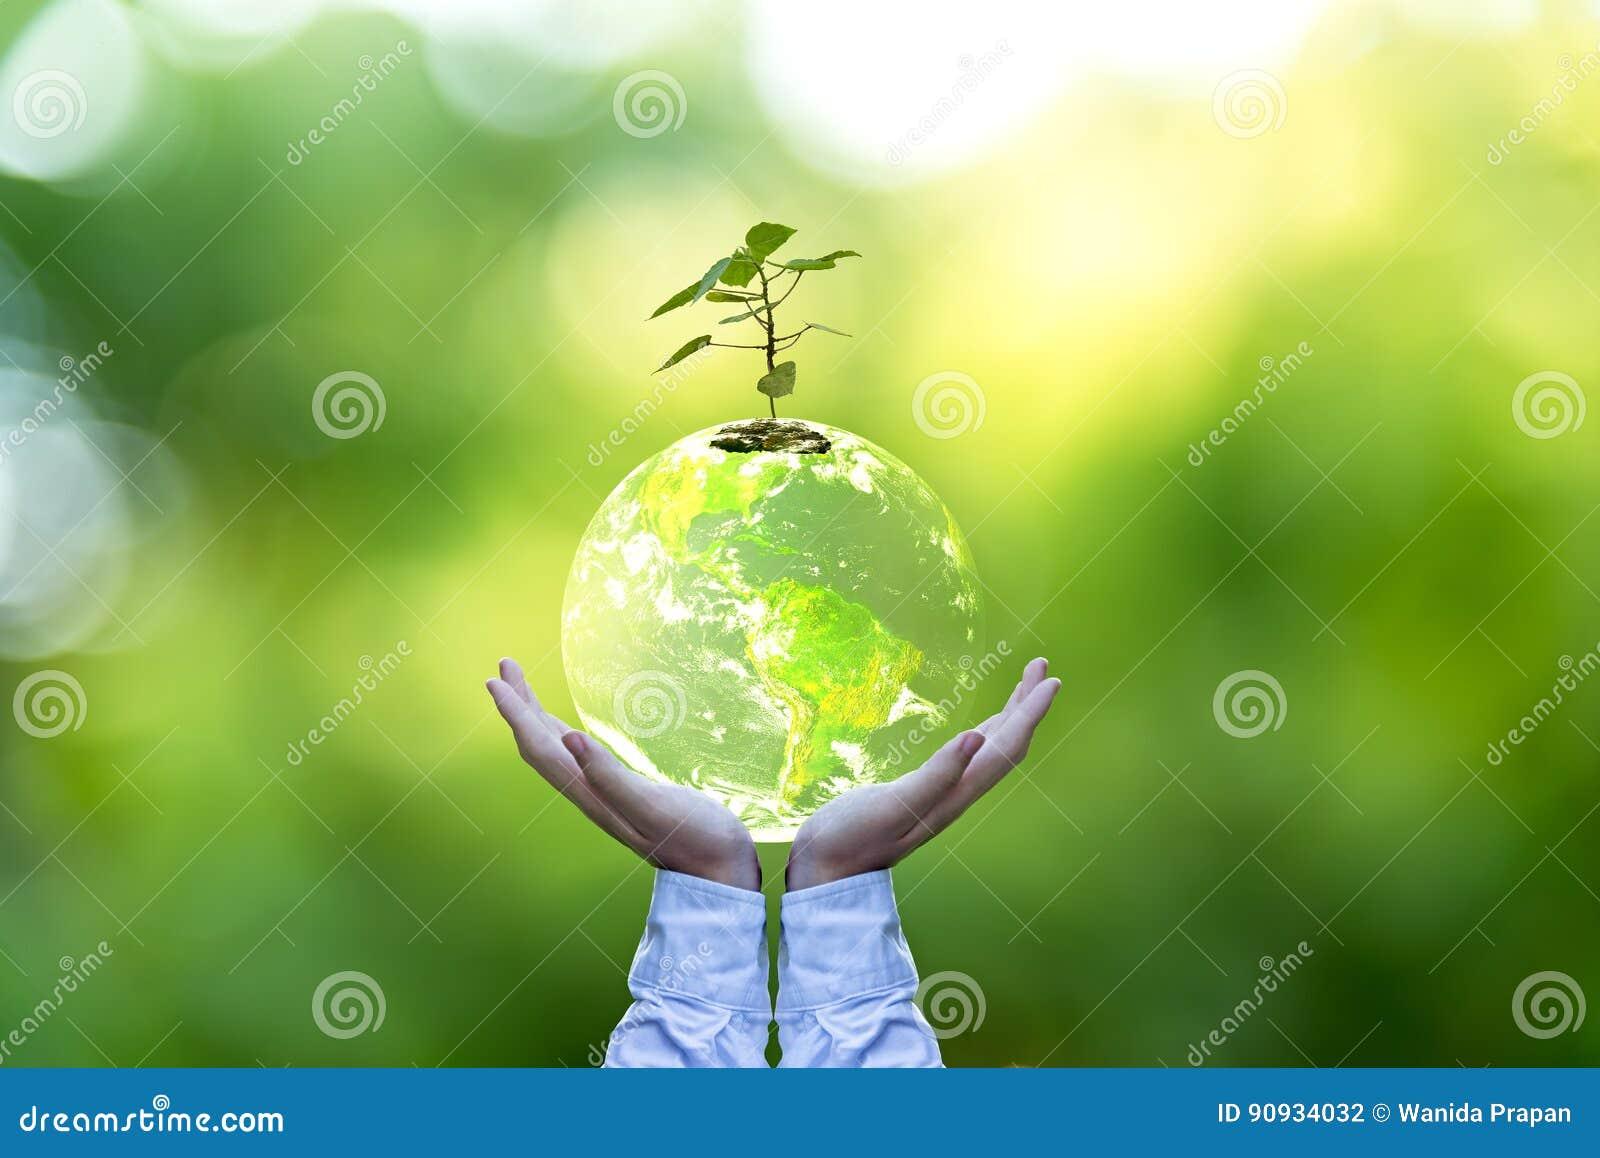 Il pianeta e l albero in essere umano consegna la natura verde, conservano il concetto della terra,